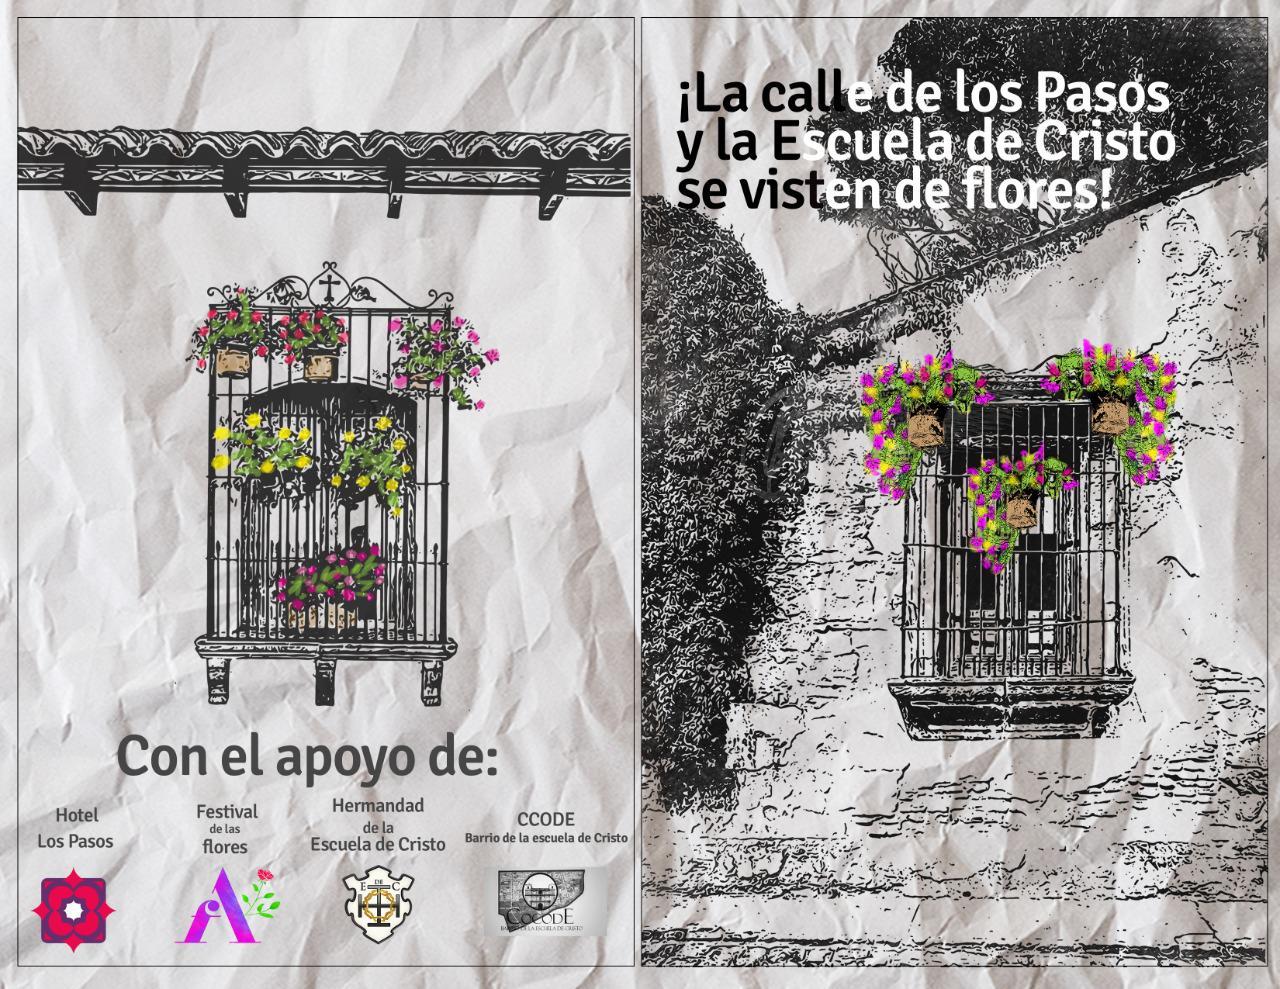 La Calle de Los Pasos, en Antigua Guatemala, se viste de flores